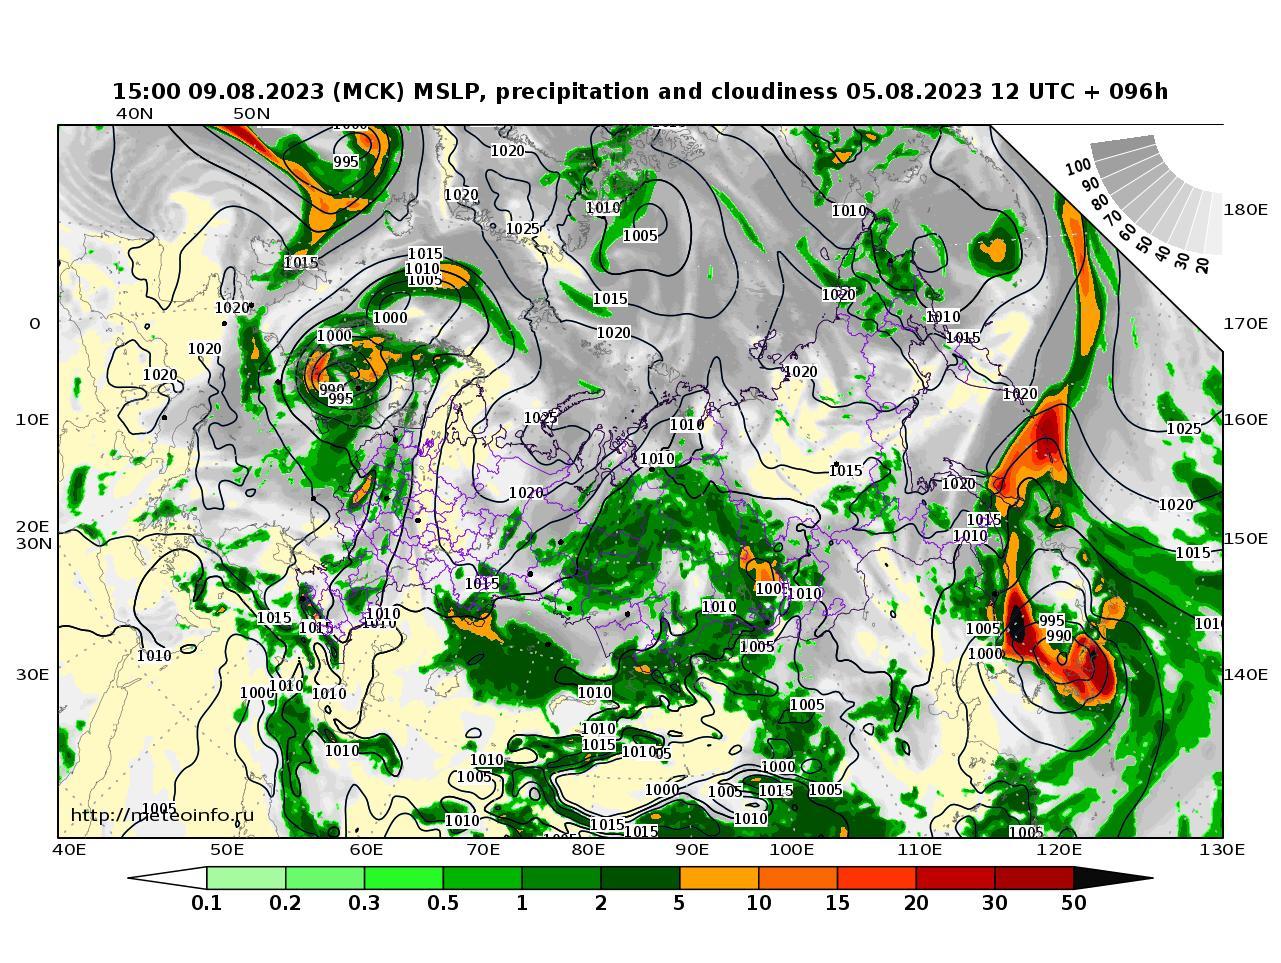 Россия, прогностическая карта осадки и давление, заблаговременность прогноза 96 часов